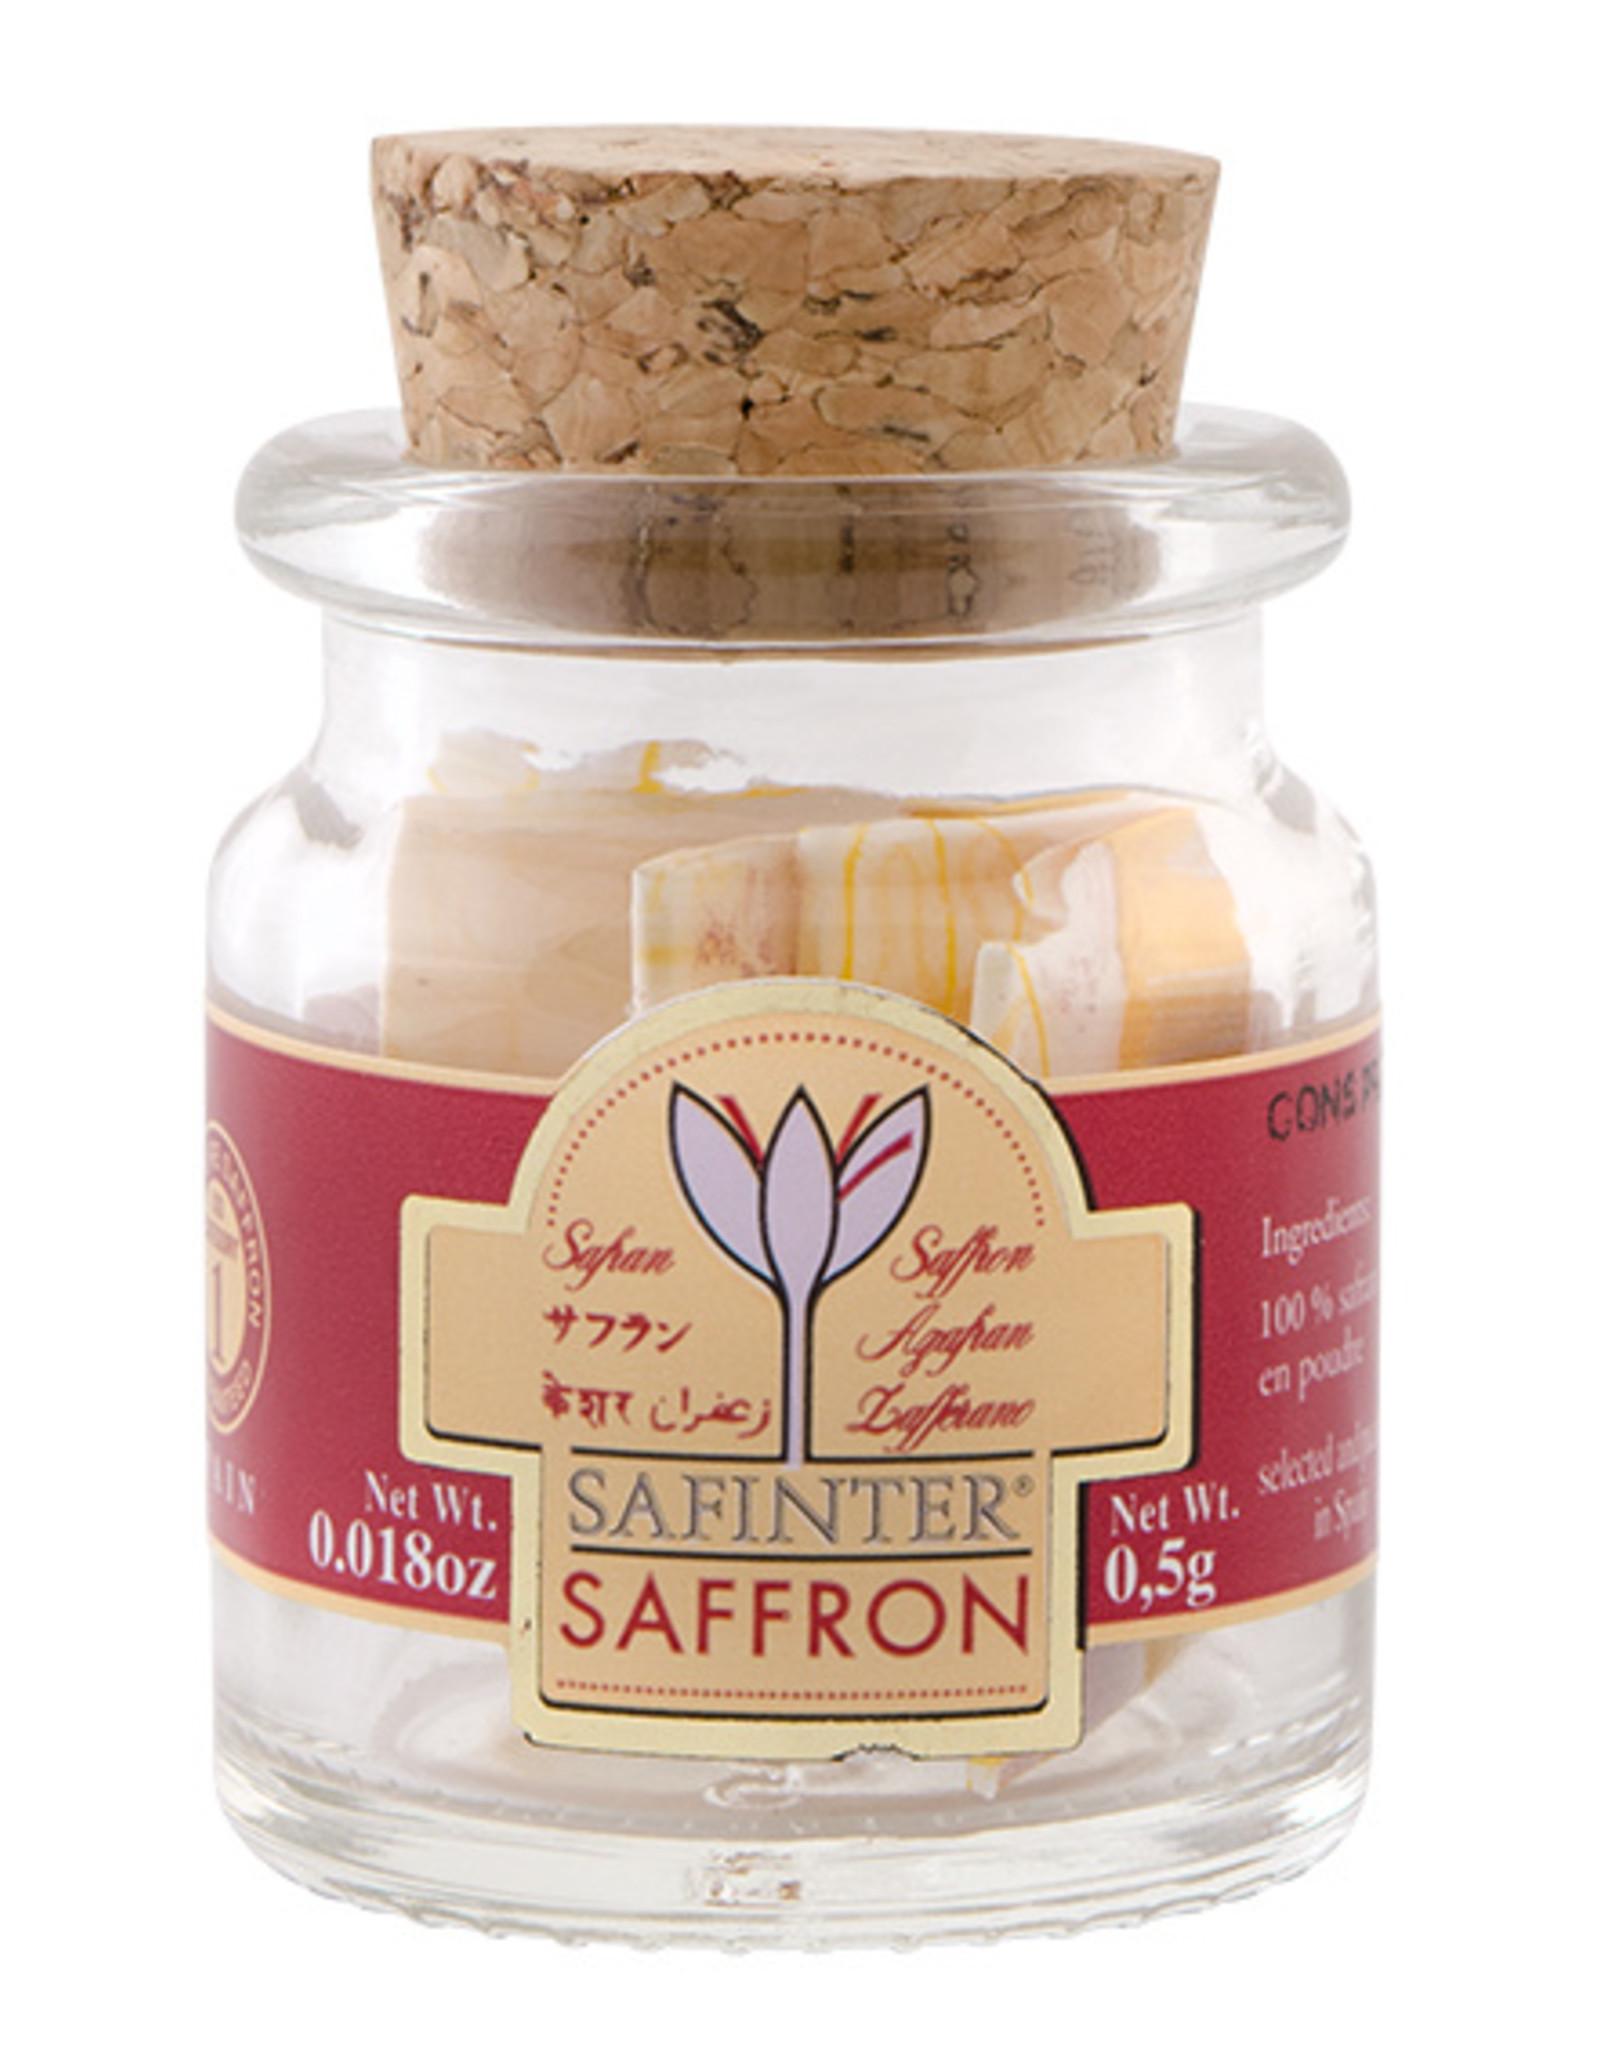 Safran Pulver im Glas, 0.5 g